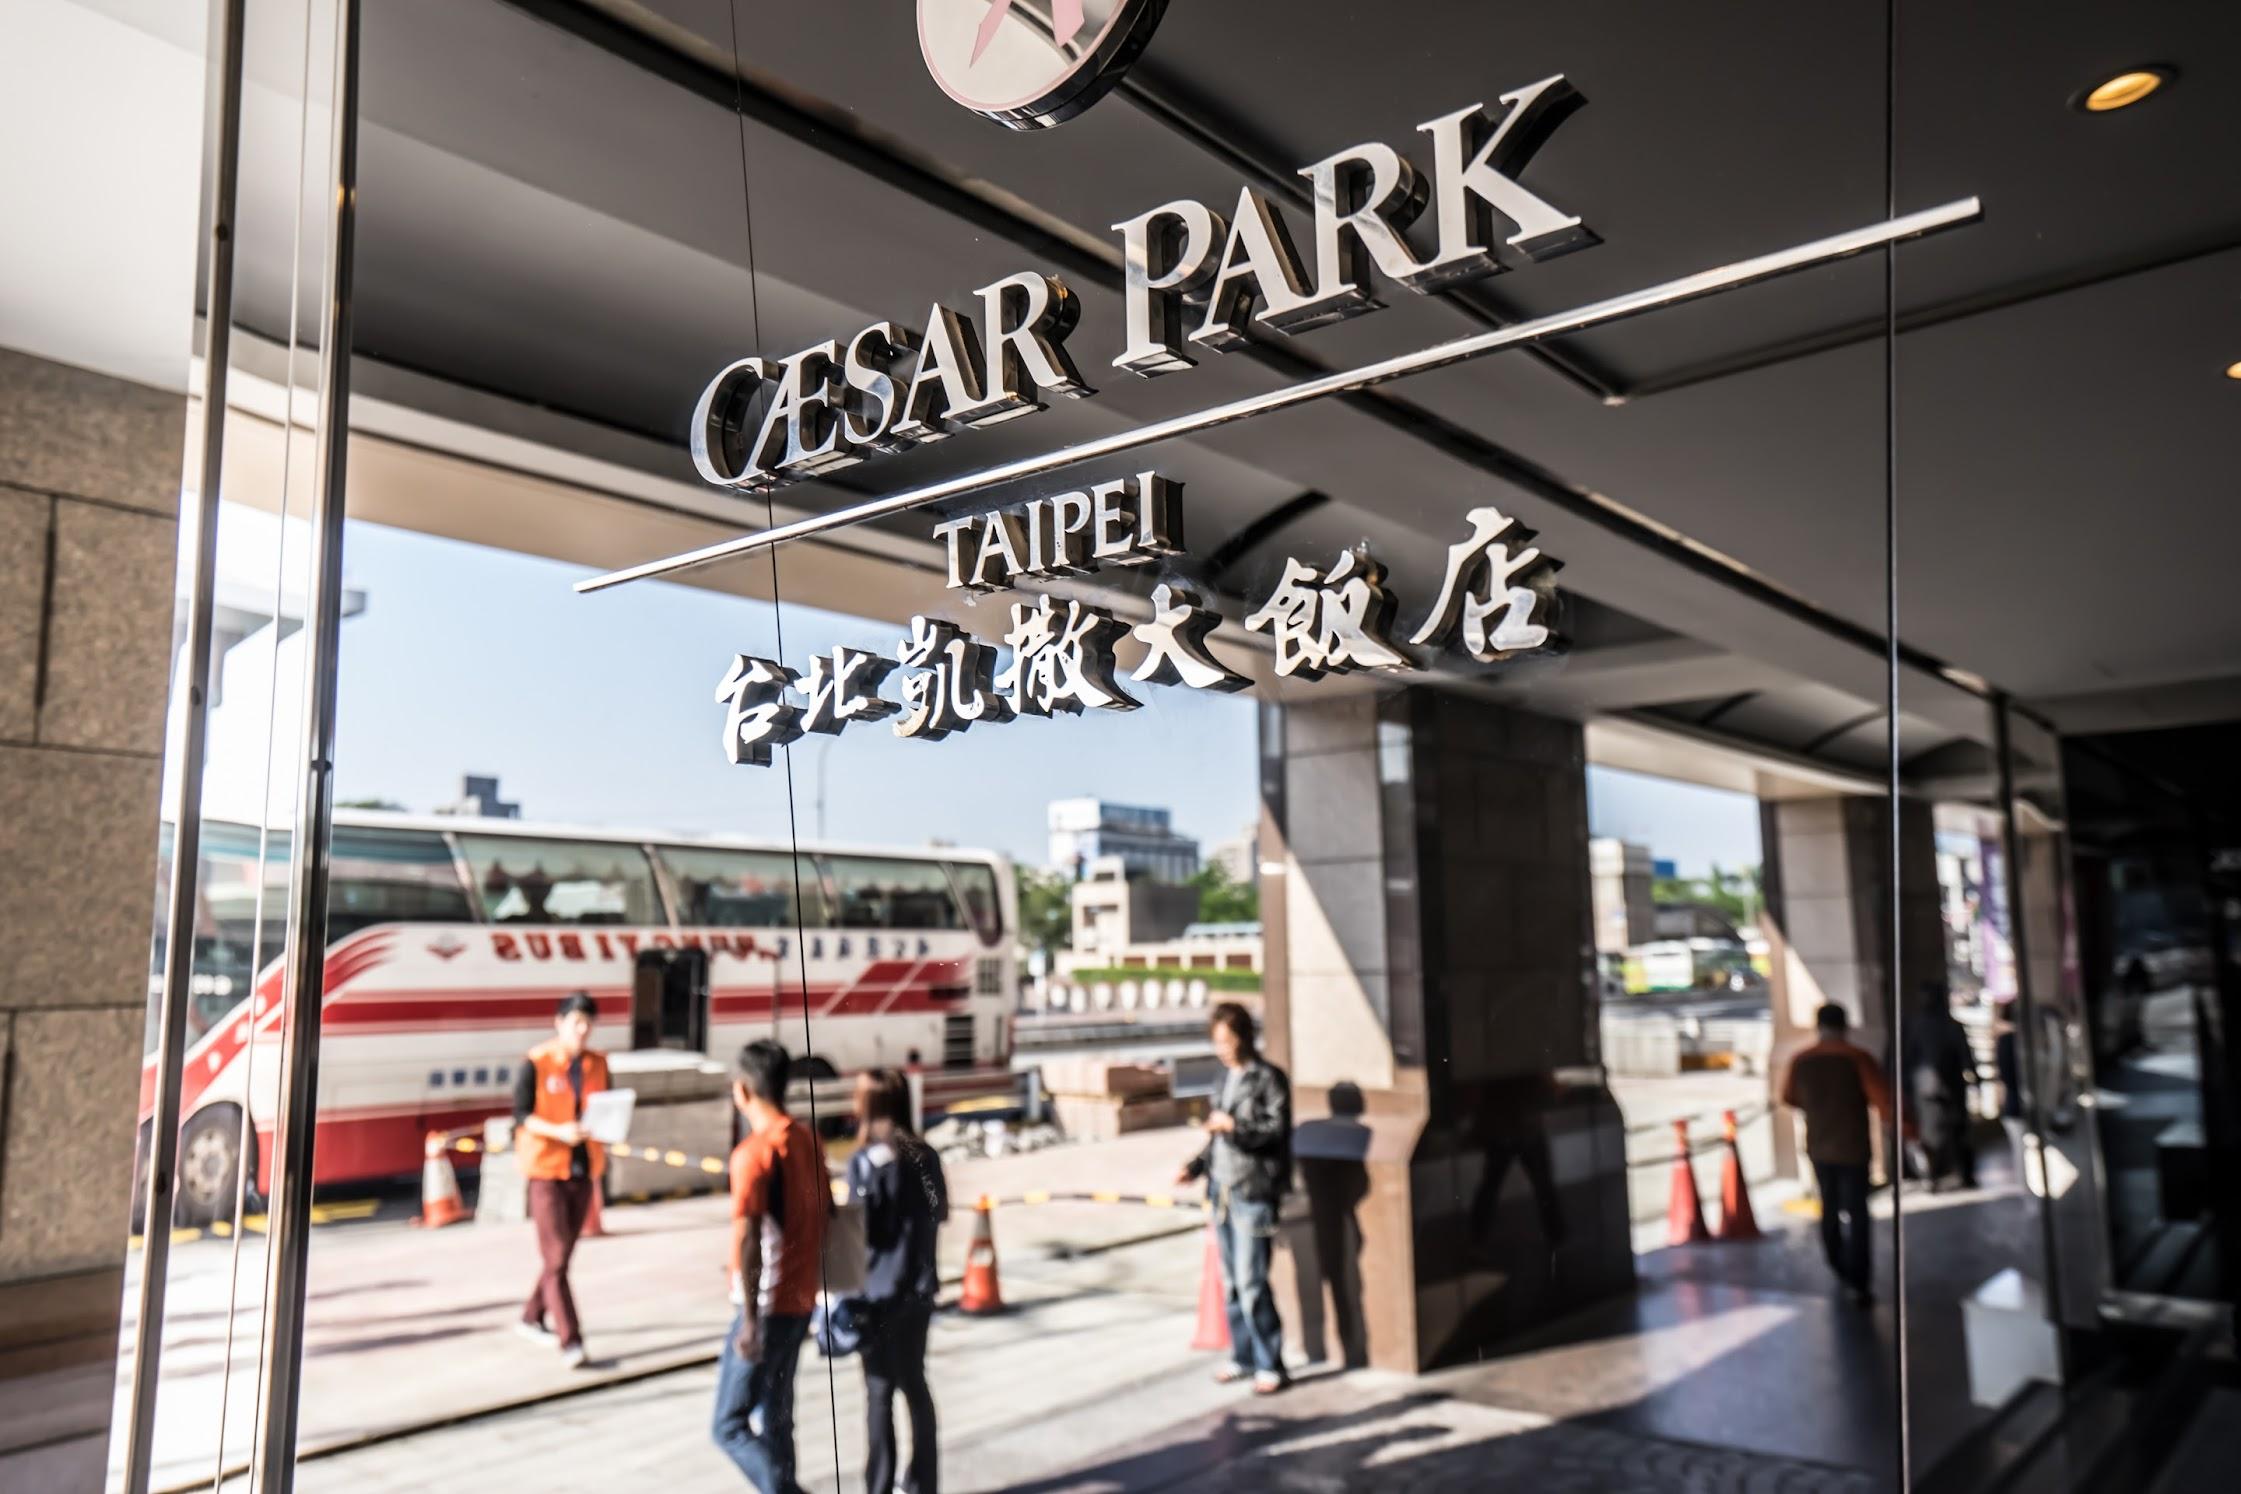 CAESAR PARK TAIPEI